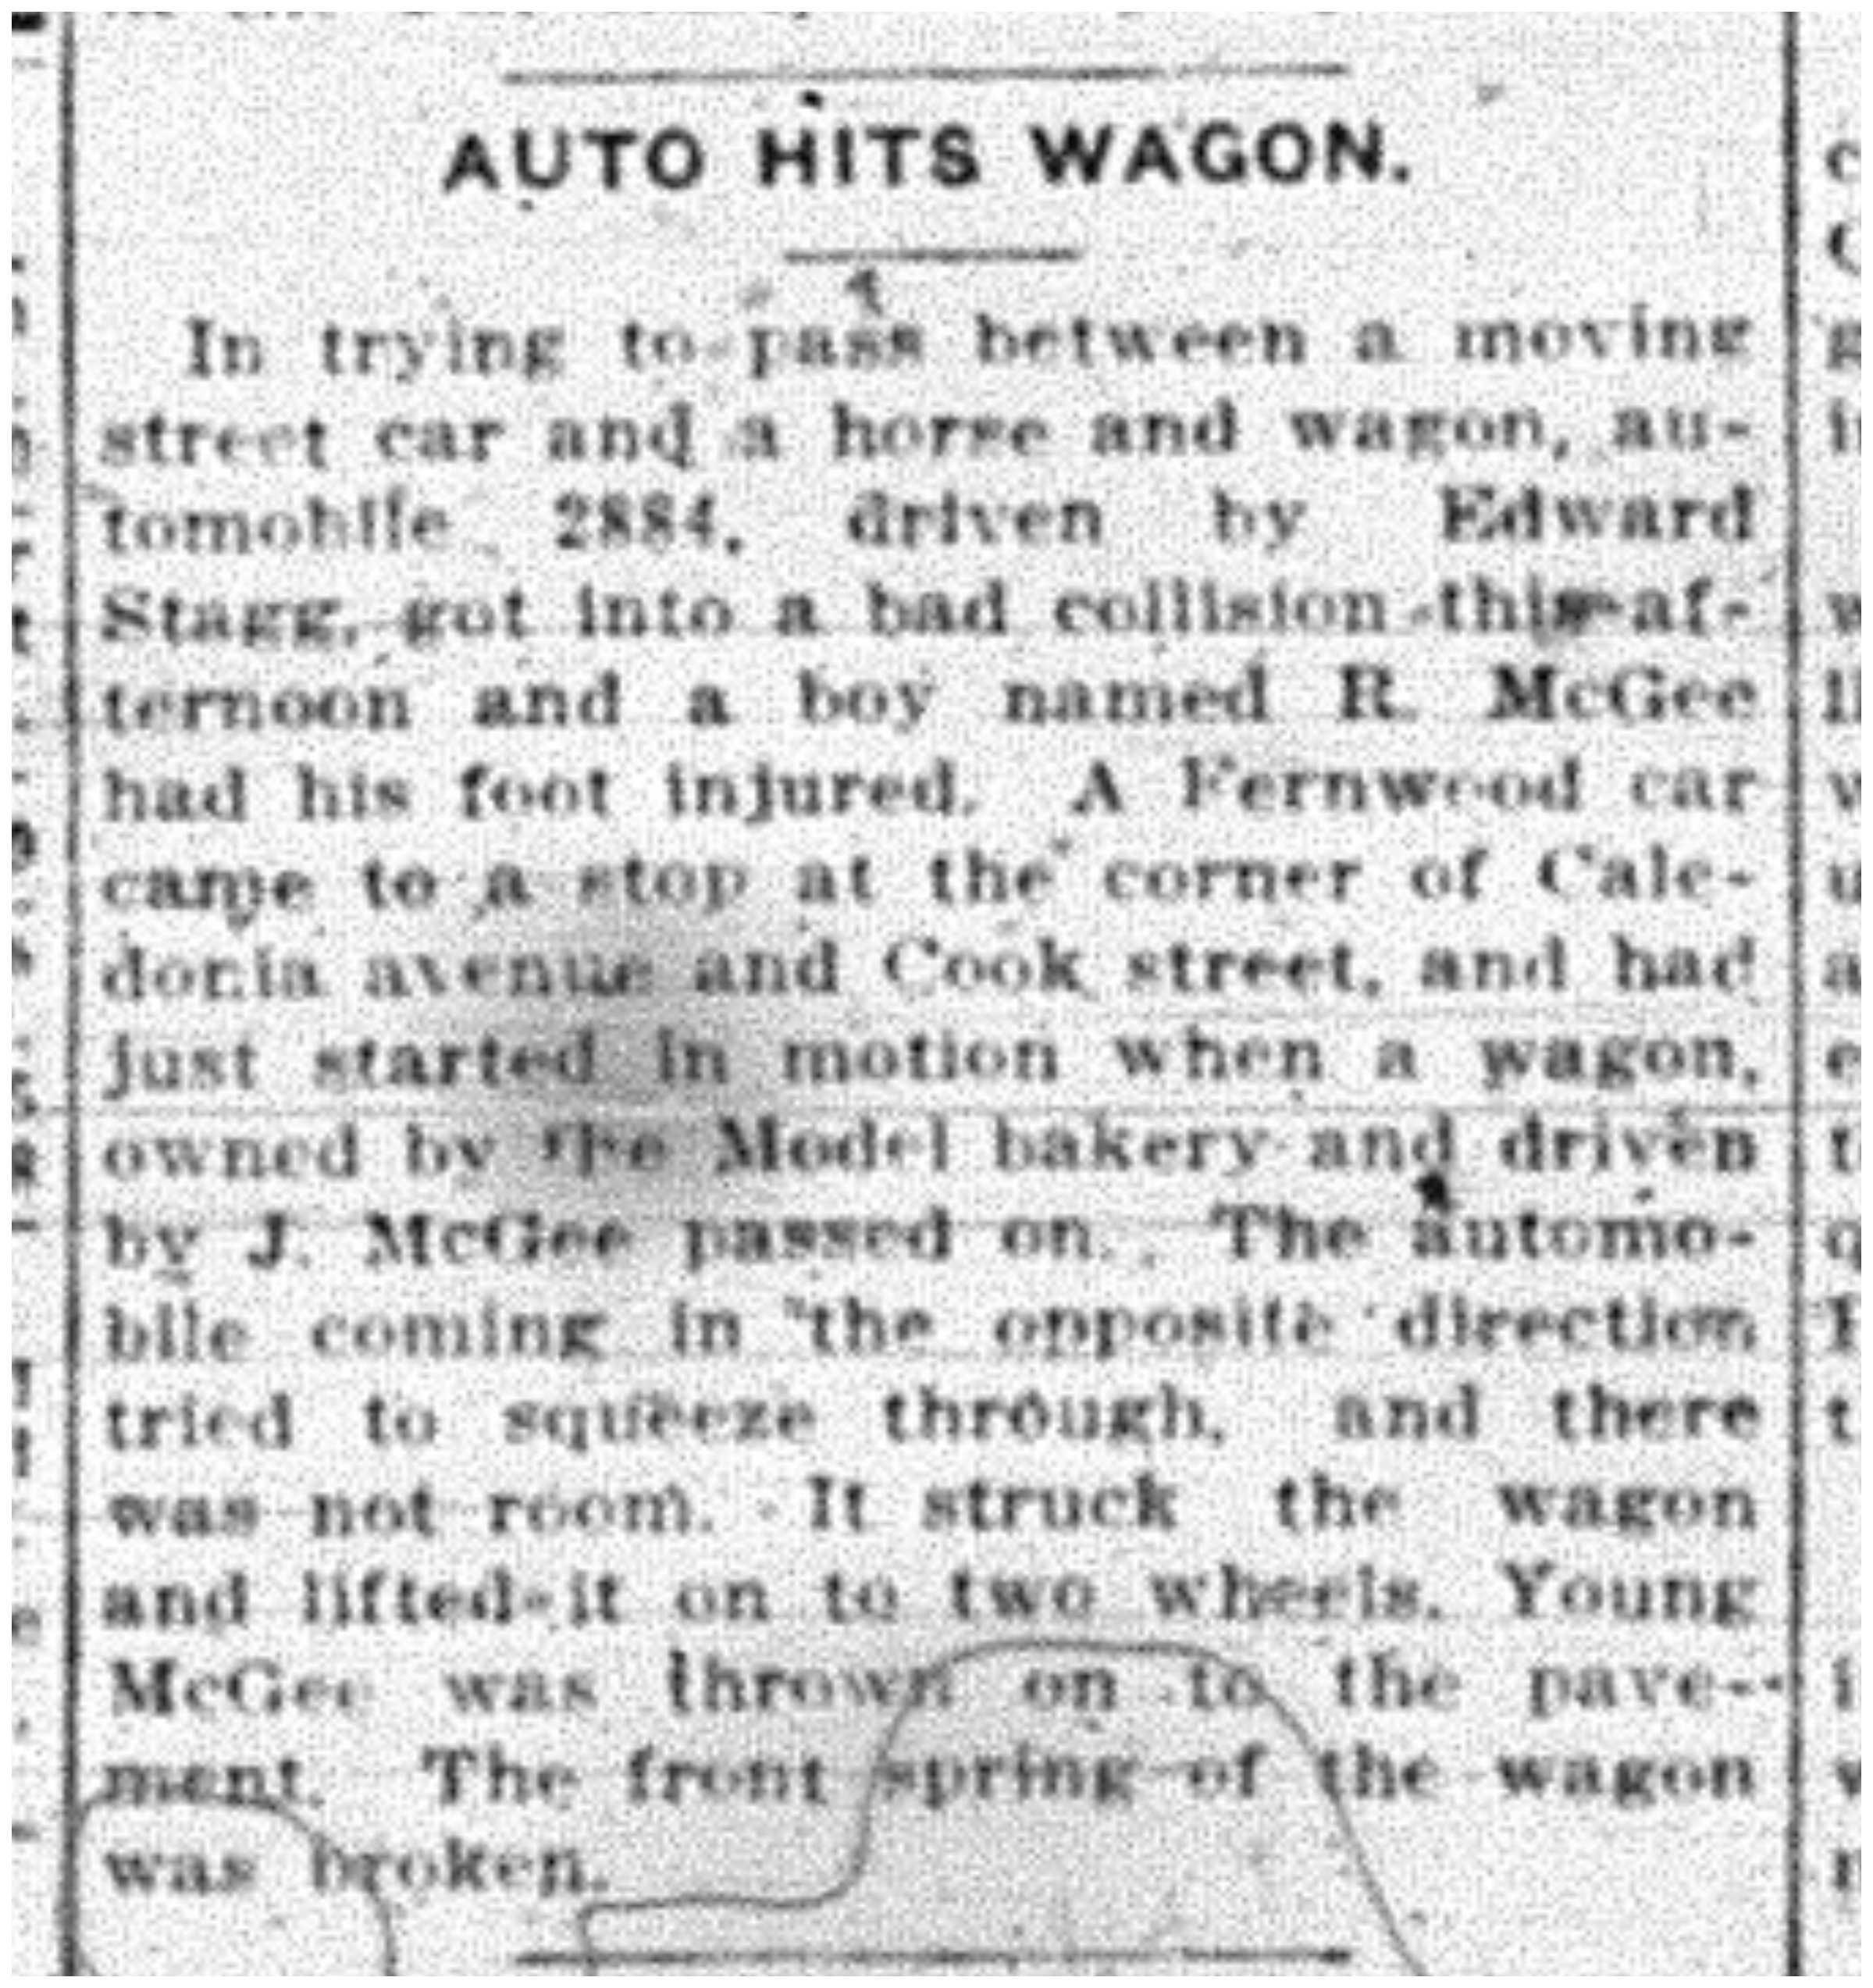 Auto Hits Wagon